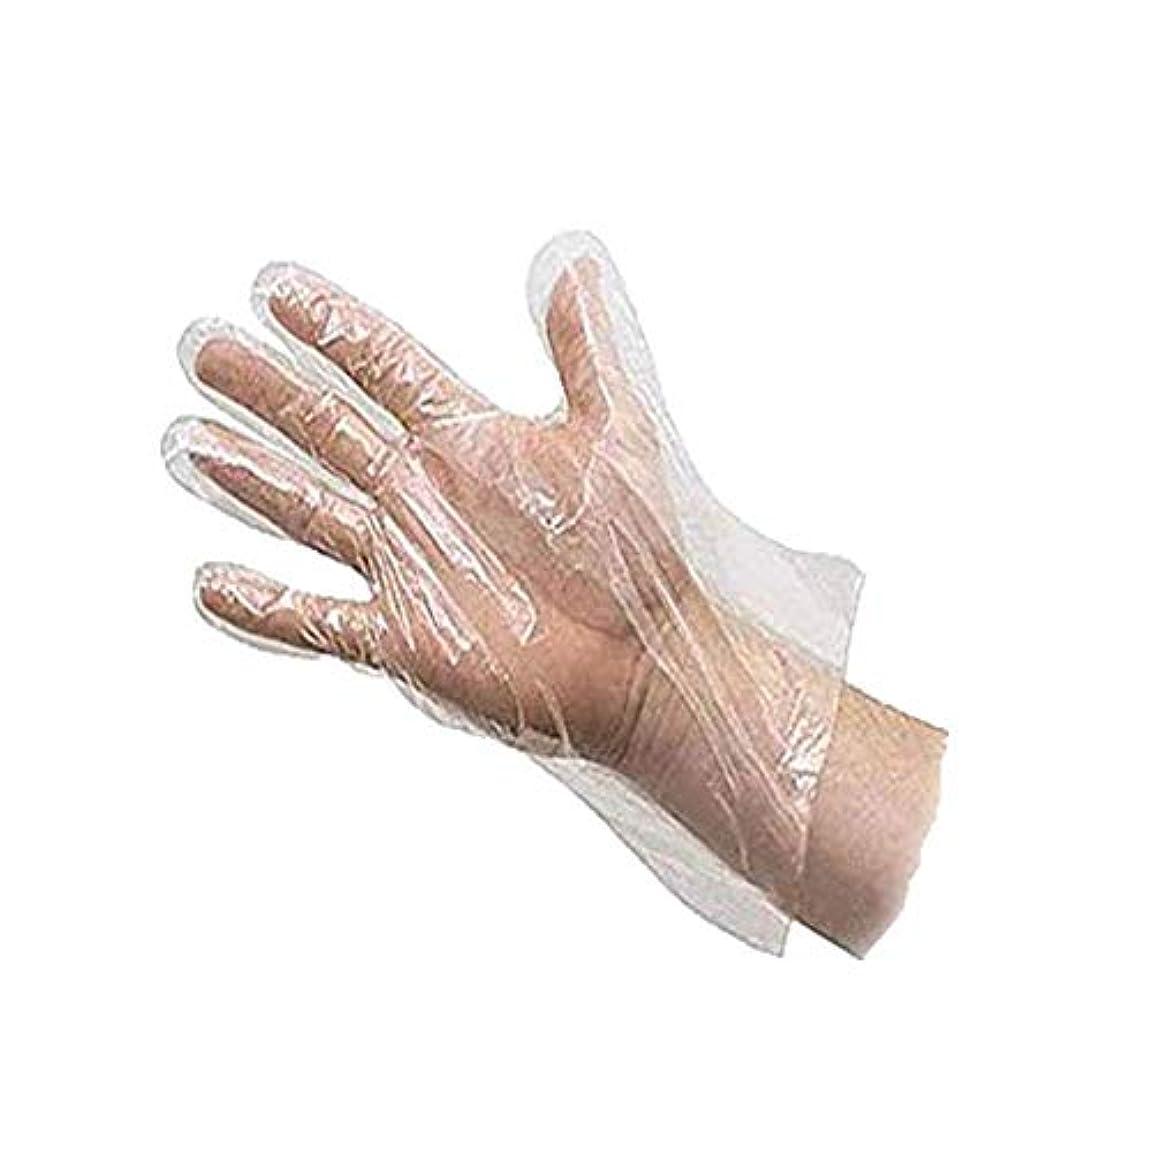 キラウエア山円周熱UCCU プレミアム 使い捨て手袋 調理用 食品 プラスチック ホワイト 粉なし 食品衛生 透明 左右兼用 薄型 ビニール極薄手袋 100枚入り 便利